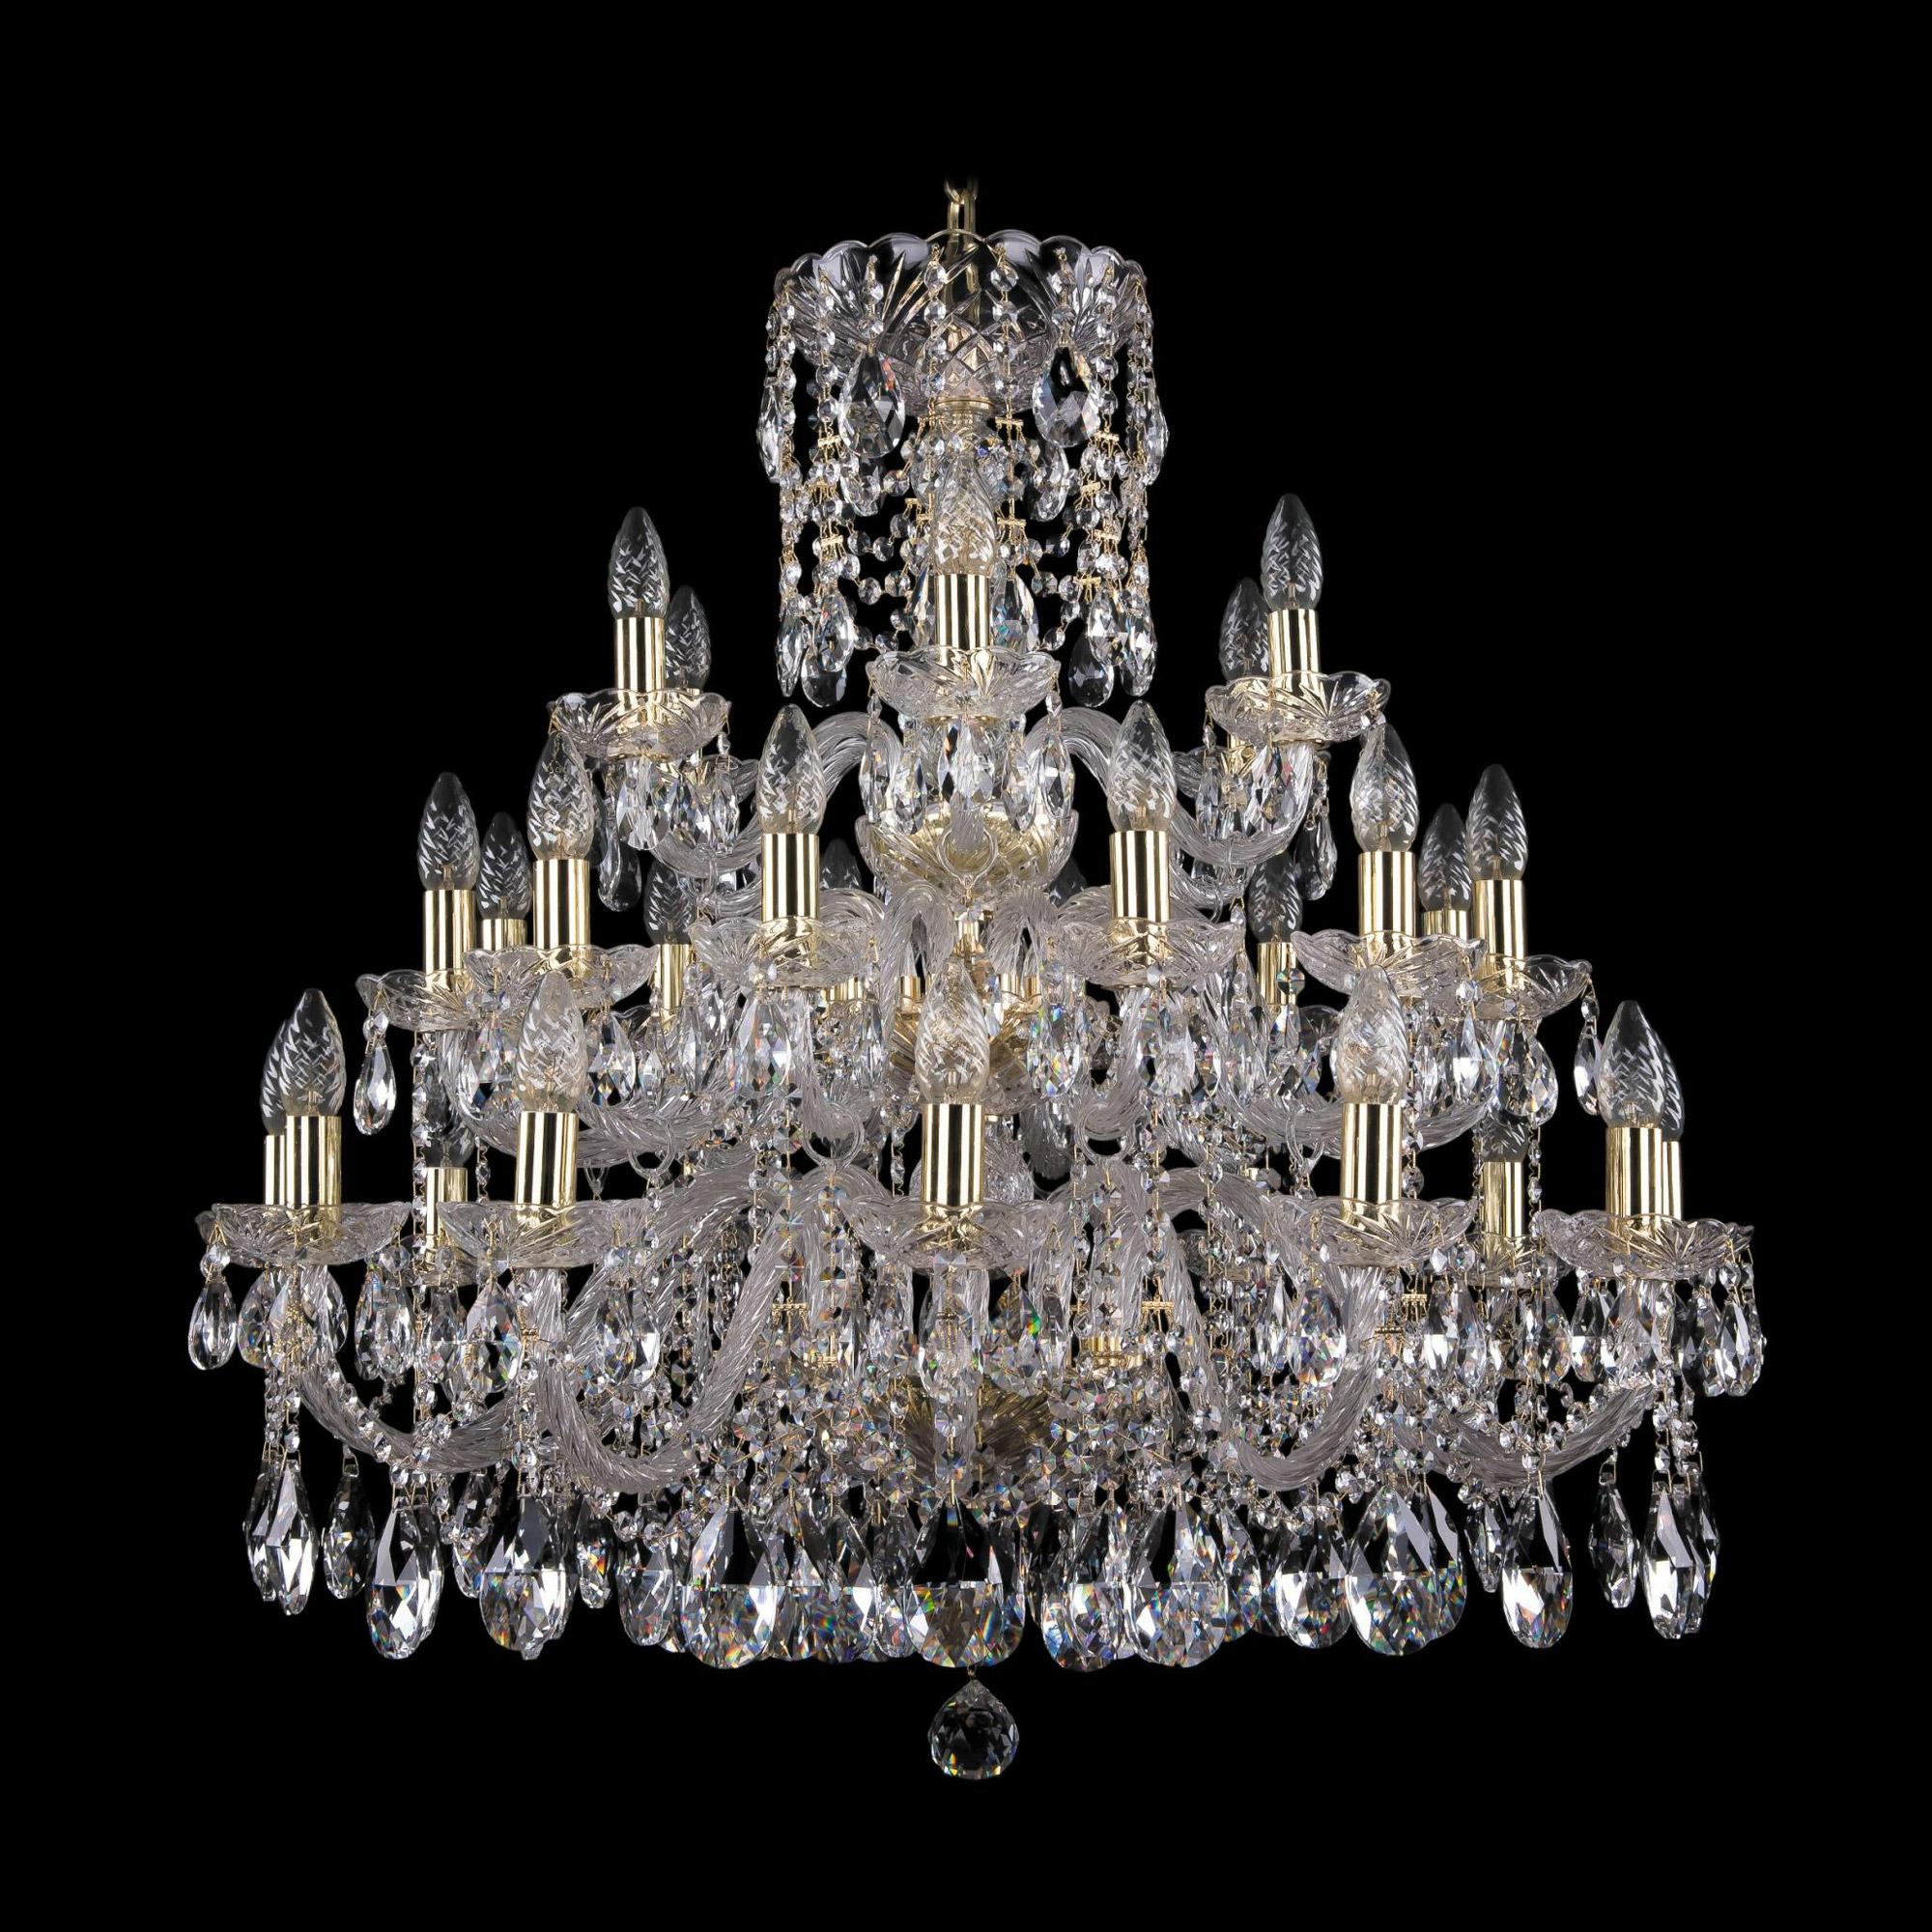 Люстра Bohemia Ivele Crystal 1412/12+12+6/300/3D G люстра bohemia ivele crystal 1703 1703 12 320 c gb e14 480 вт